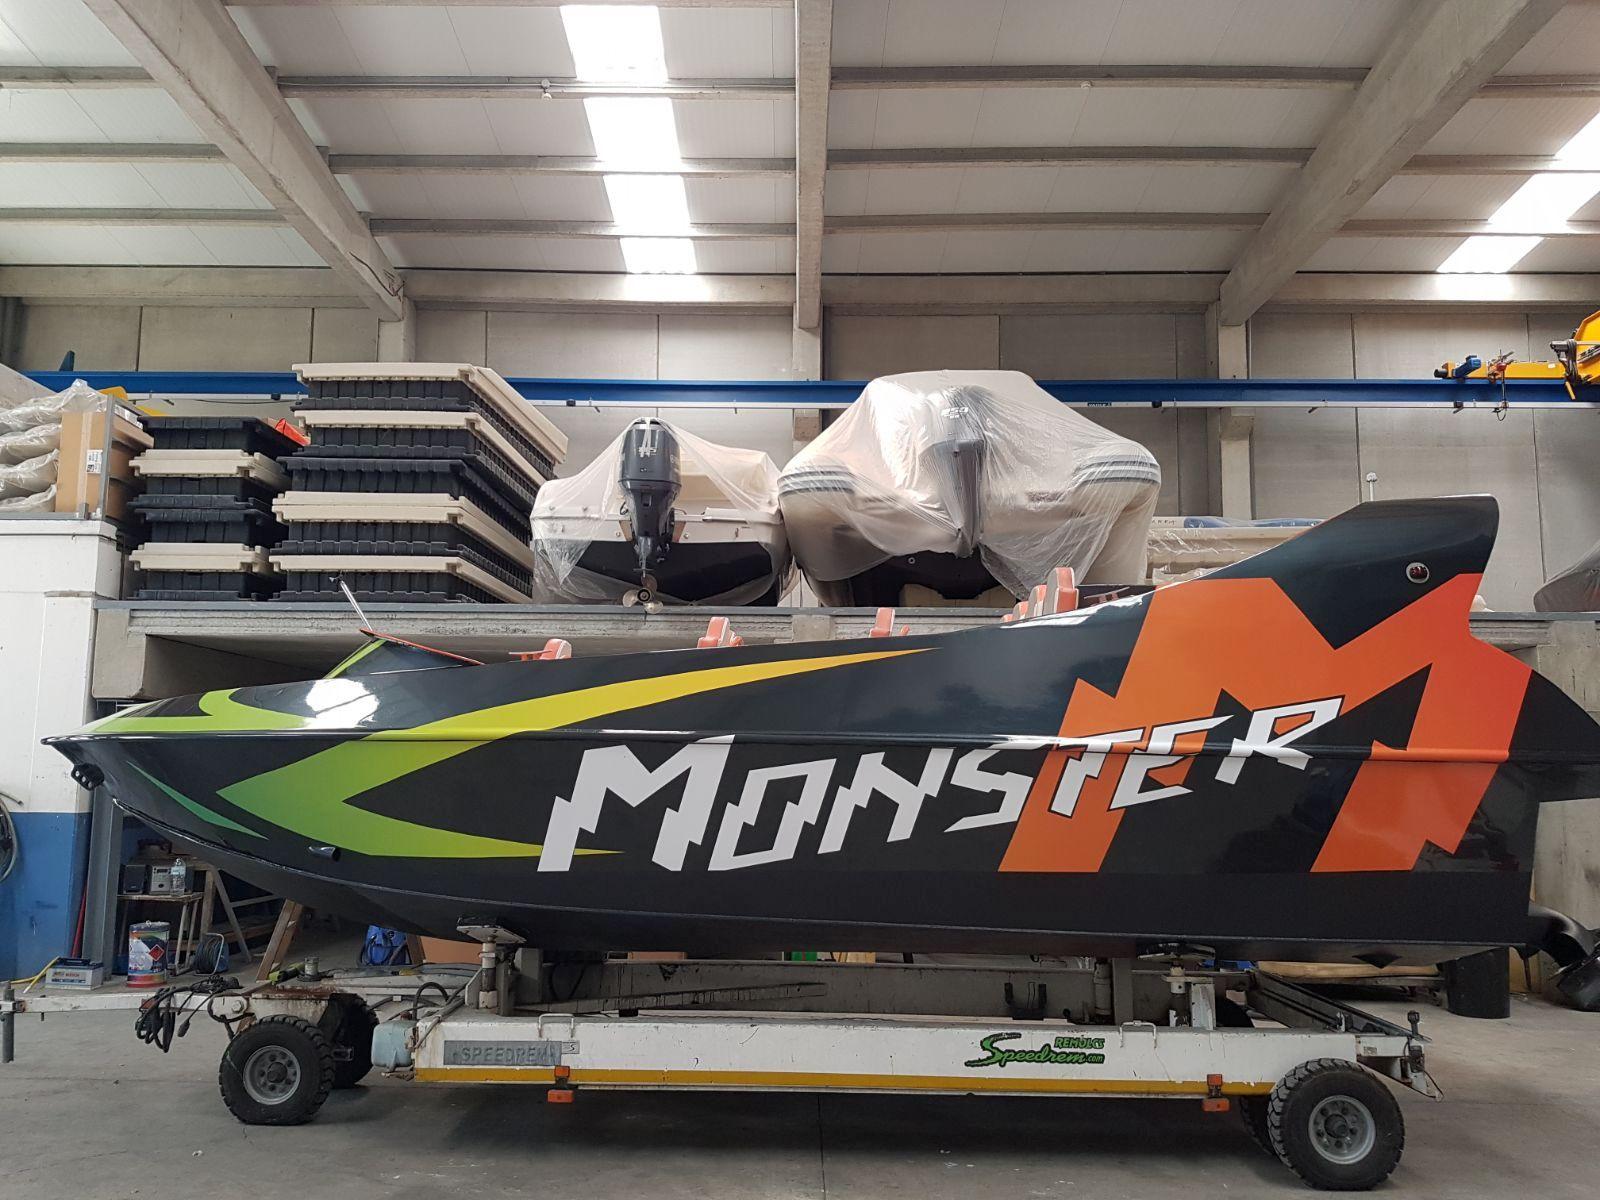 MONSTER2 - MONSTER2